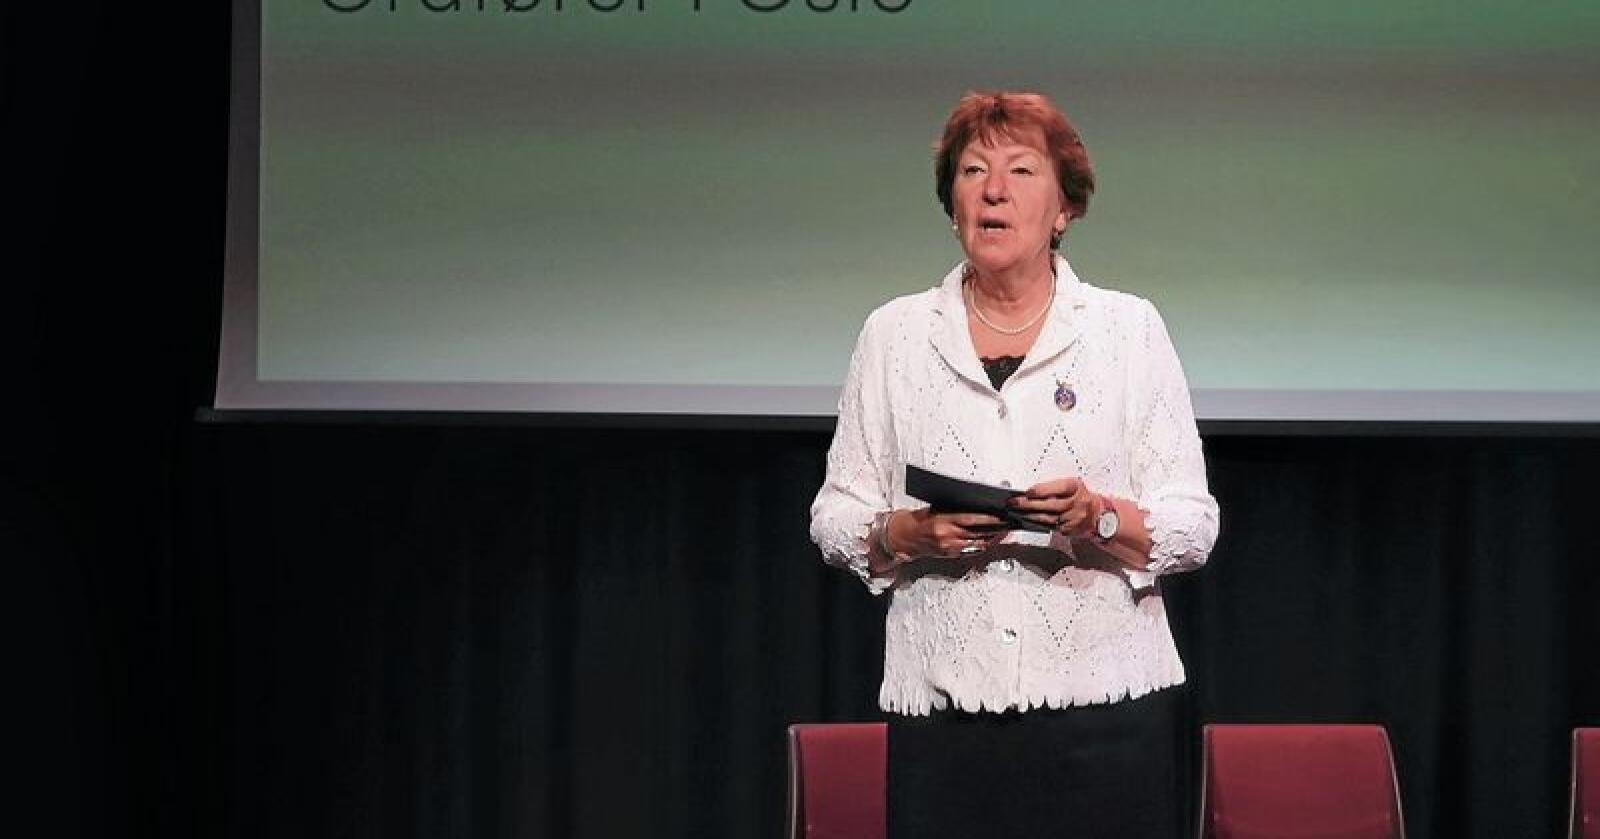 Marianne Borgen, ordfører i Oslo, påpeker viktigheten av at flere unge blir interesert i å delta i matproduksjonen. Foto: Jon-Fredrik Klausen